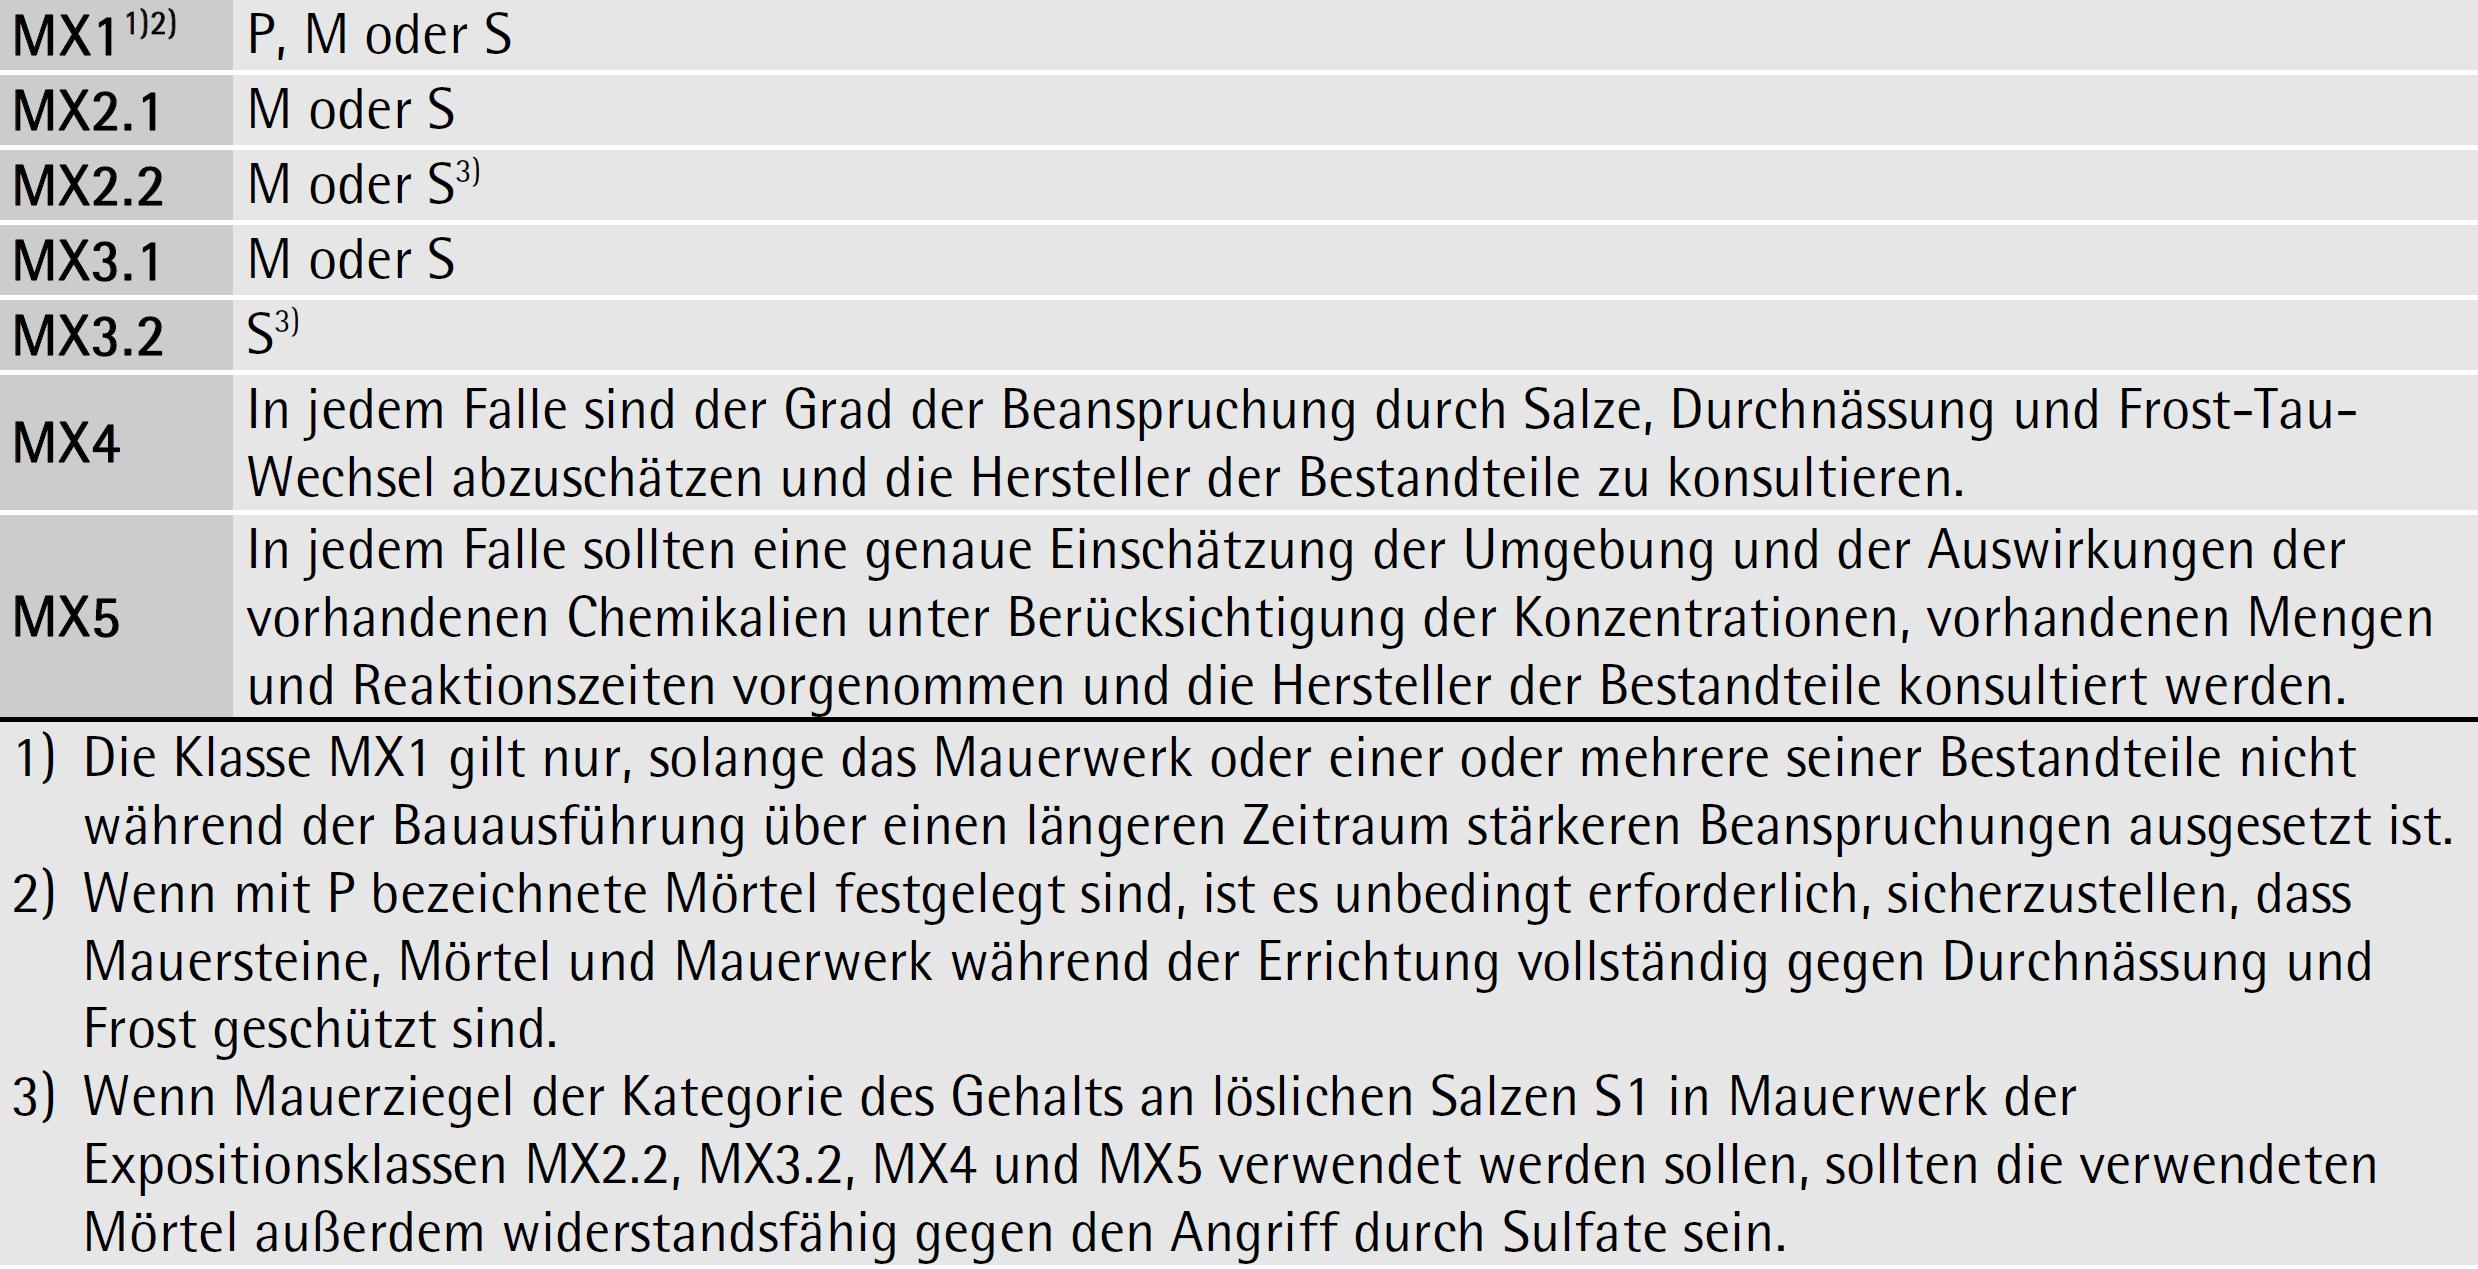 Tabelle 7-04: Bewährte Anforderungen für Mörtel in Bezug auf Dauerhaftigkeit – ÖNORM EN 1996-2